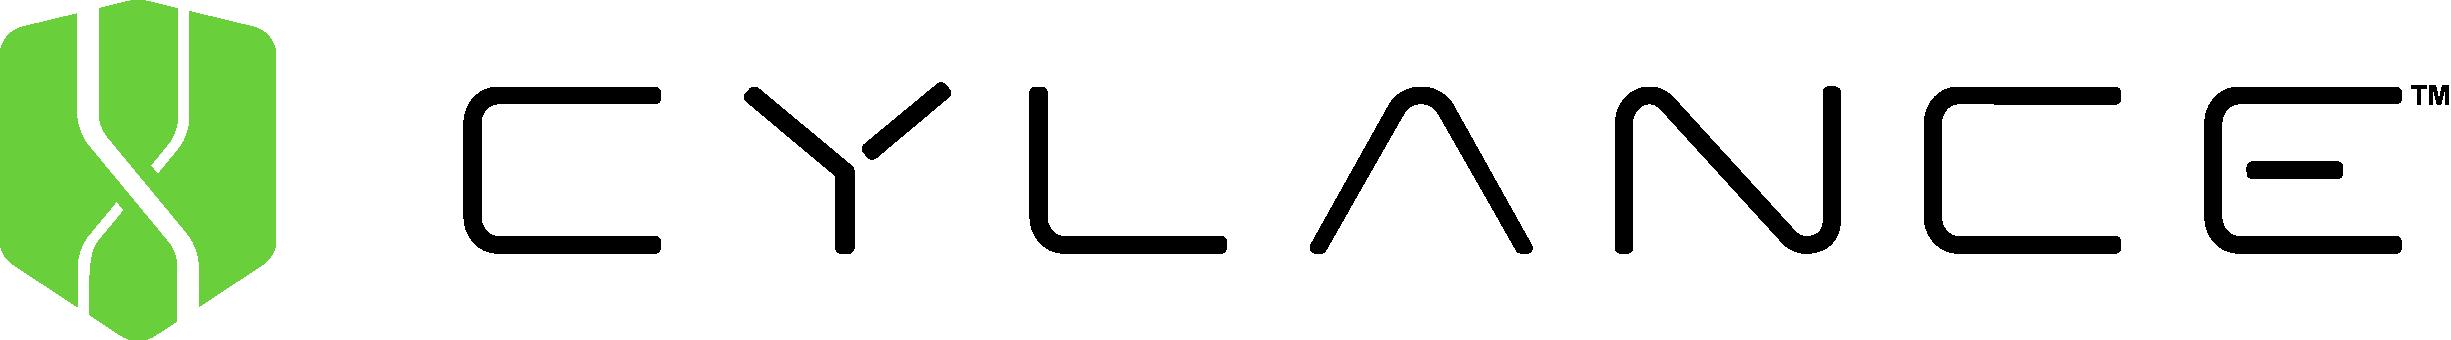 CylanceLogo_Normal_Black.png